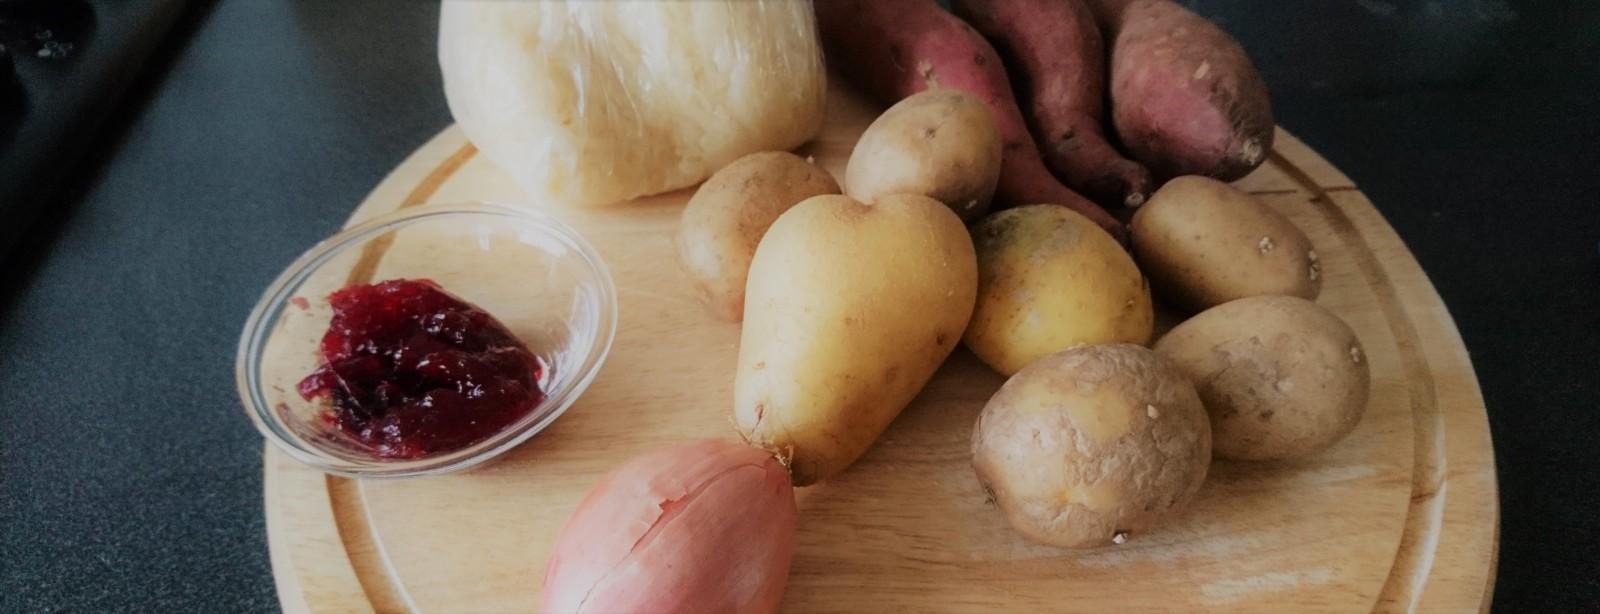 Stamppot zuurkool met zoete aardappel